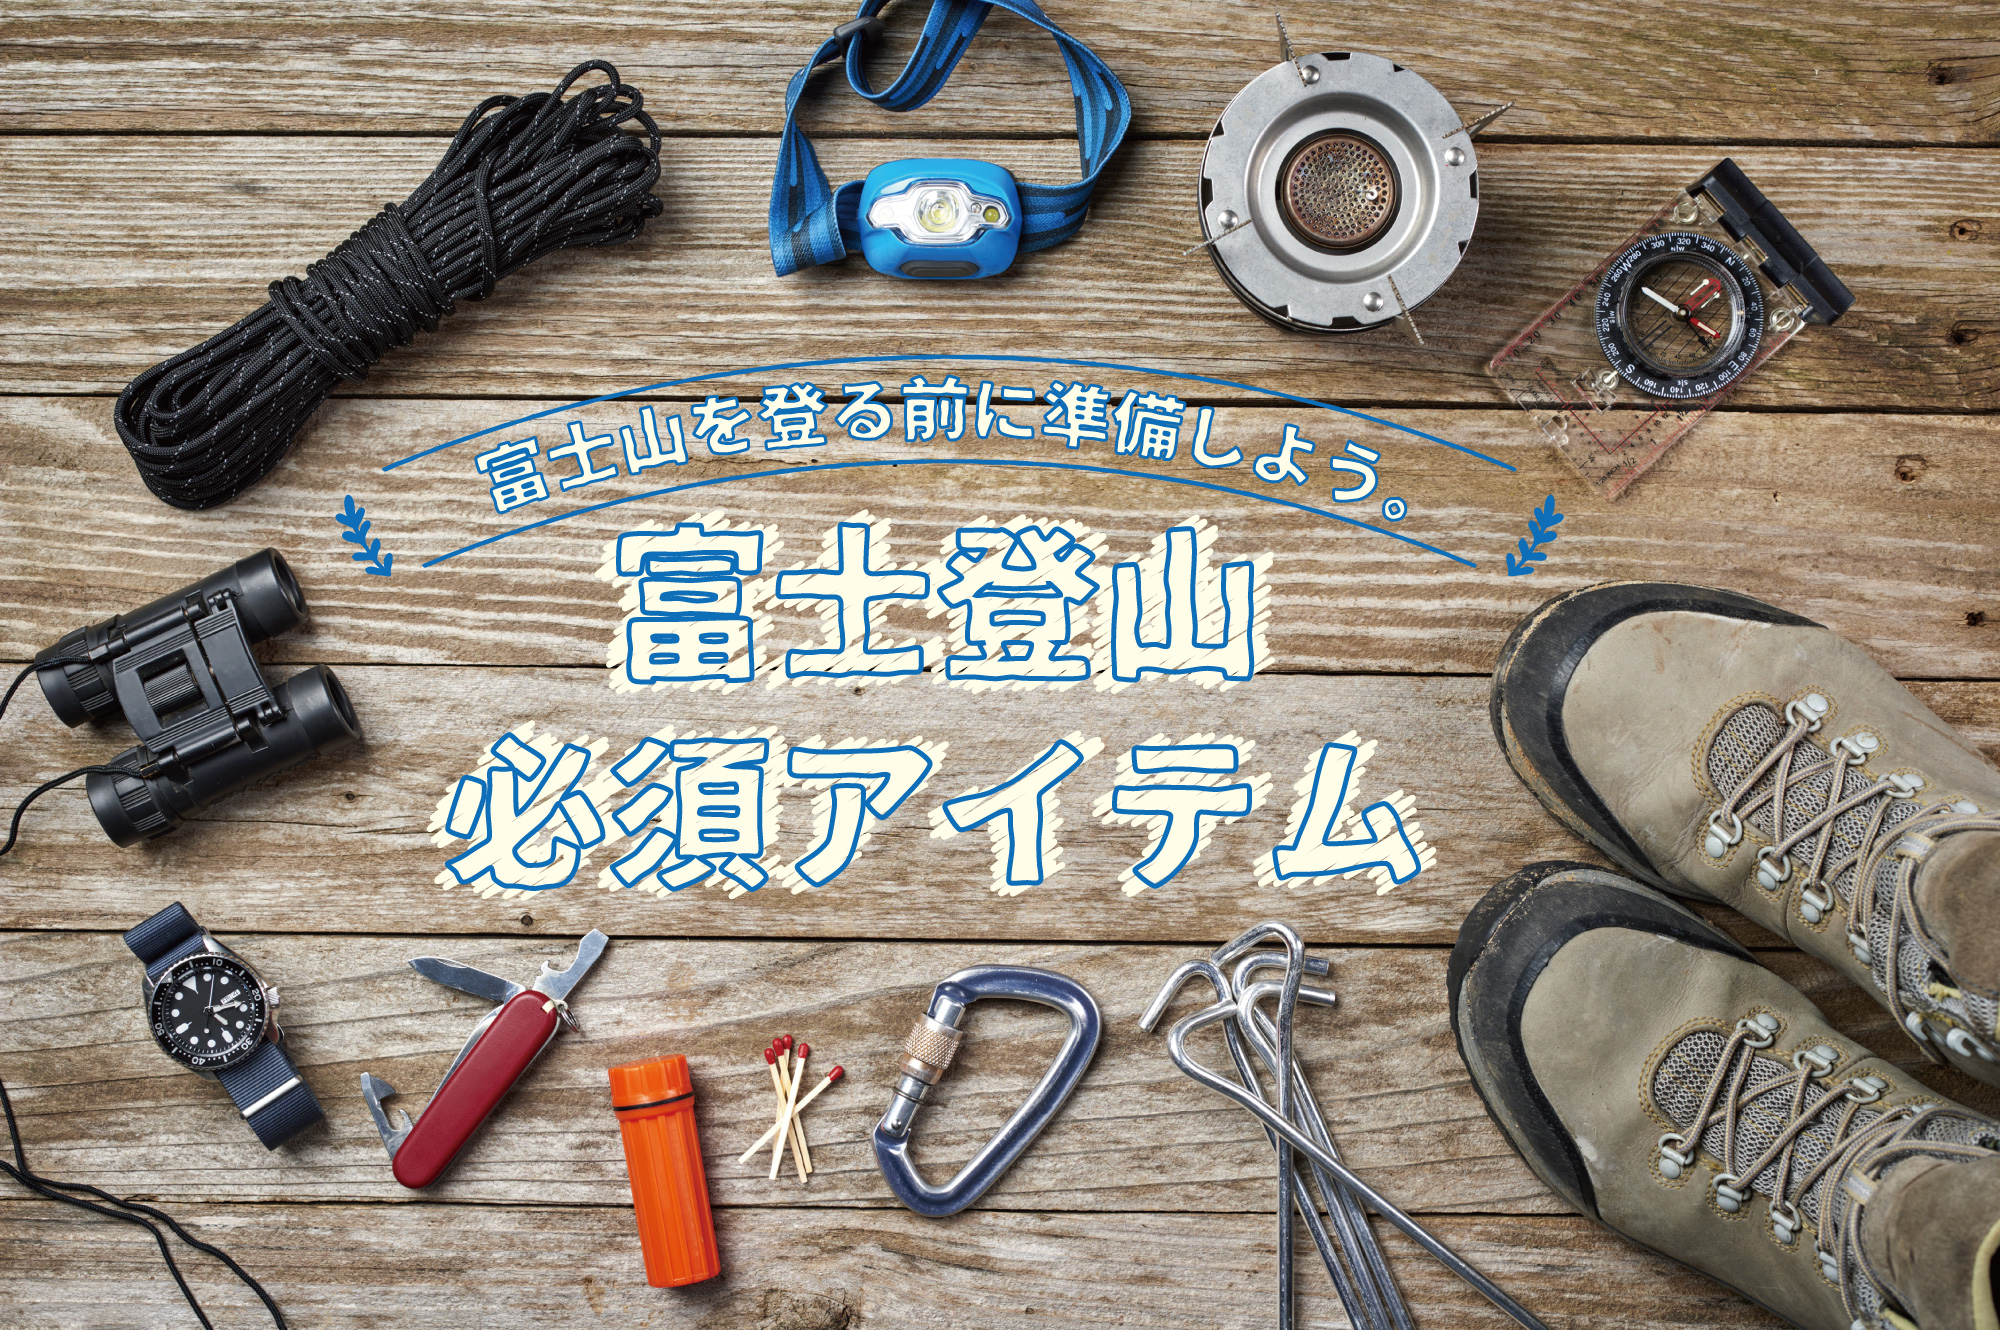 富士山を登る前に準備しよう。<br>富士登山必須アイテム